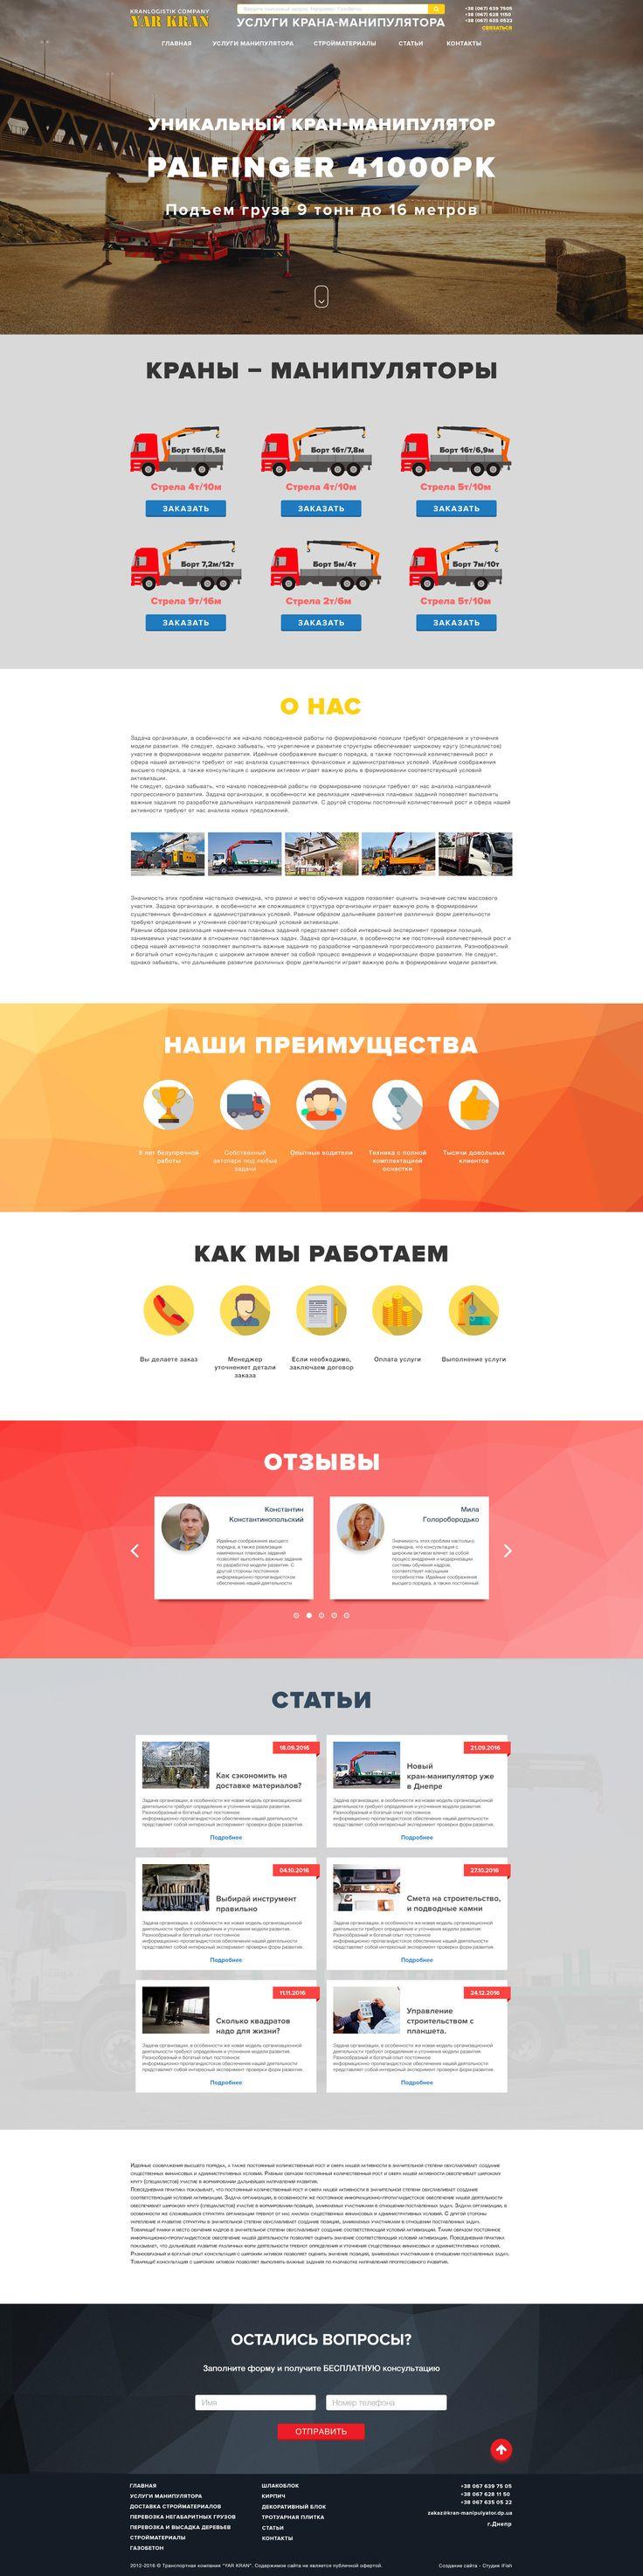 Ознакомьтесь с моим проектом в @Behance: «Website design for equipment rental company» https://www.behance.net/gallery/44892957/Website-design-for-equipment-rental-company